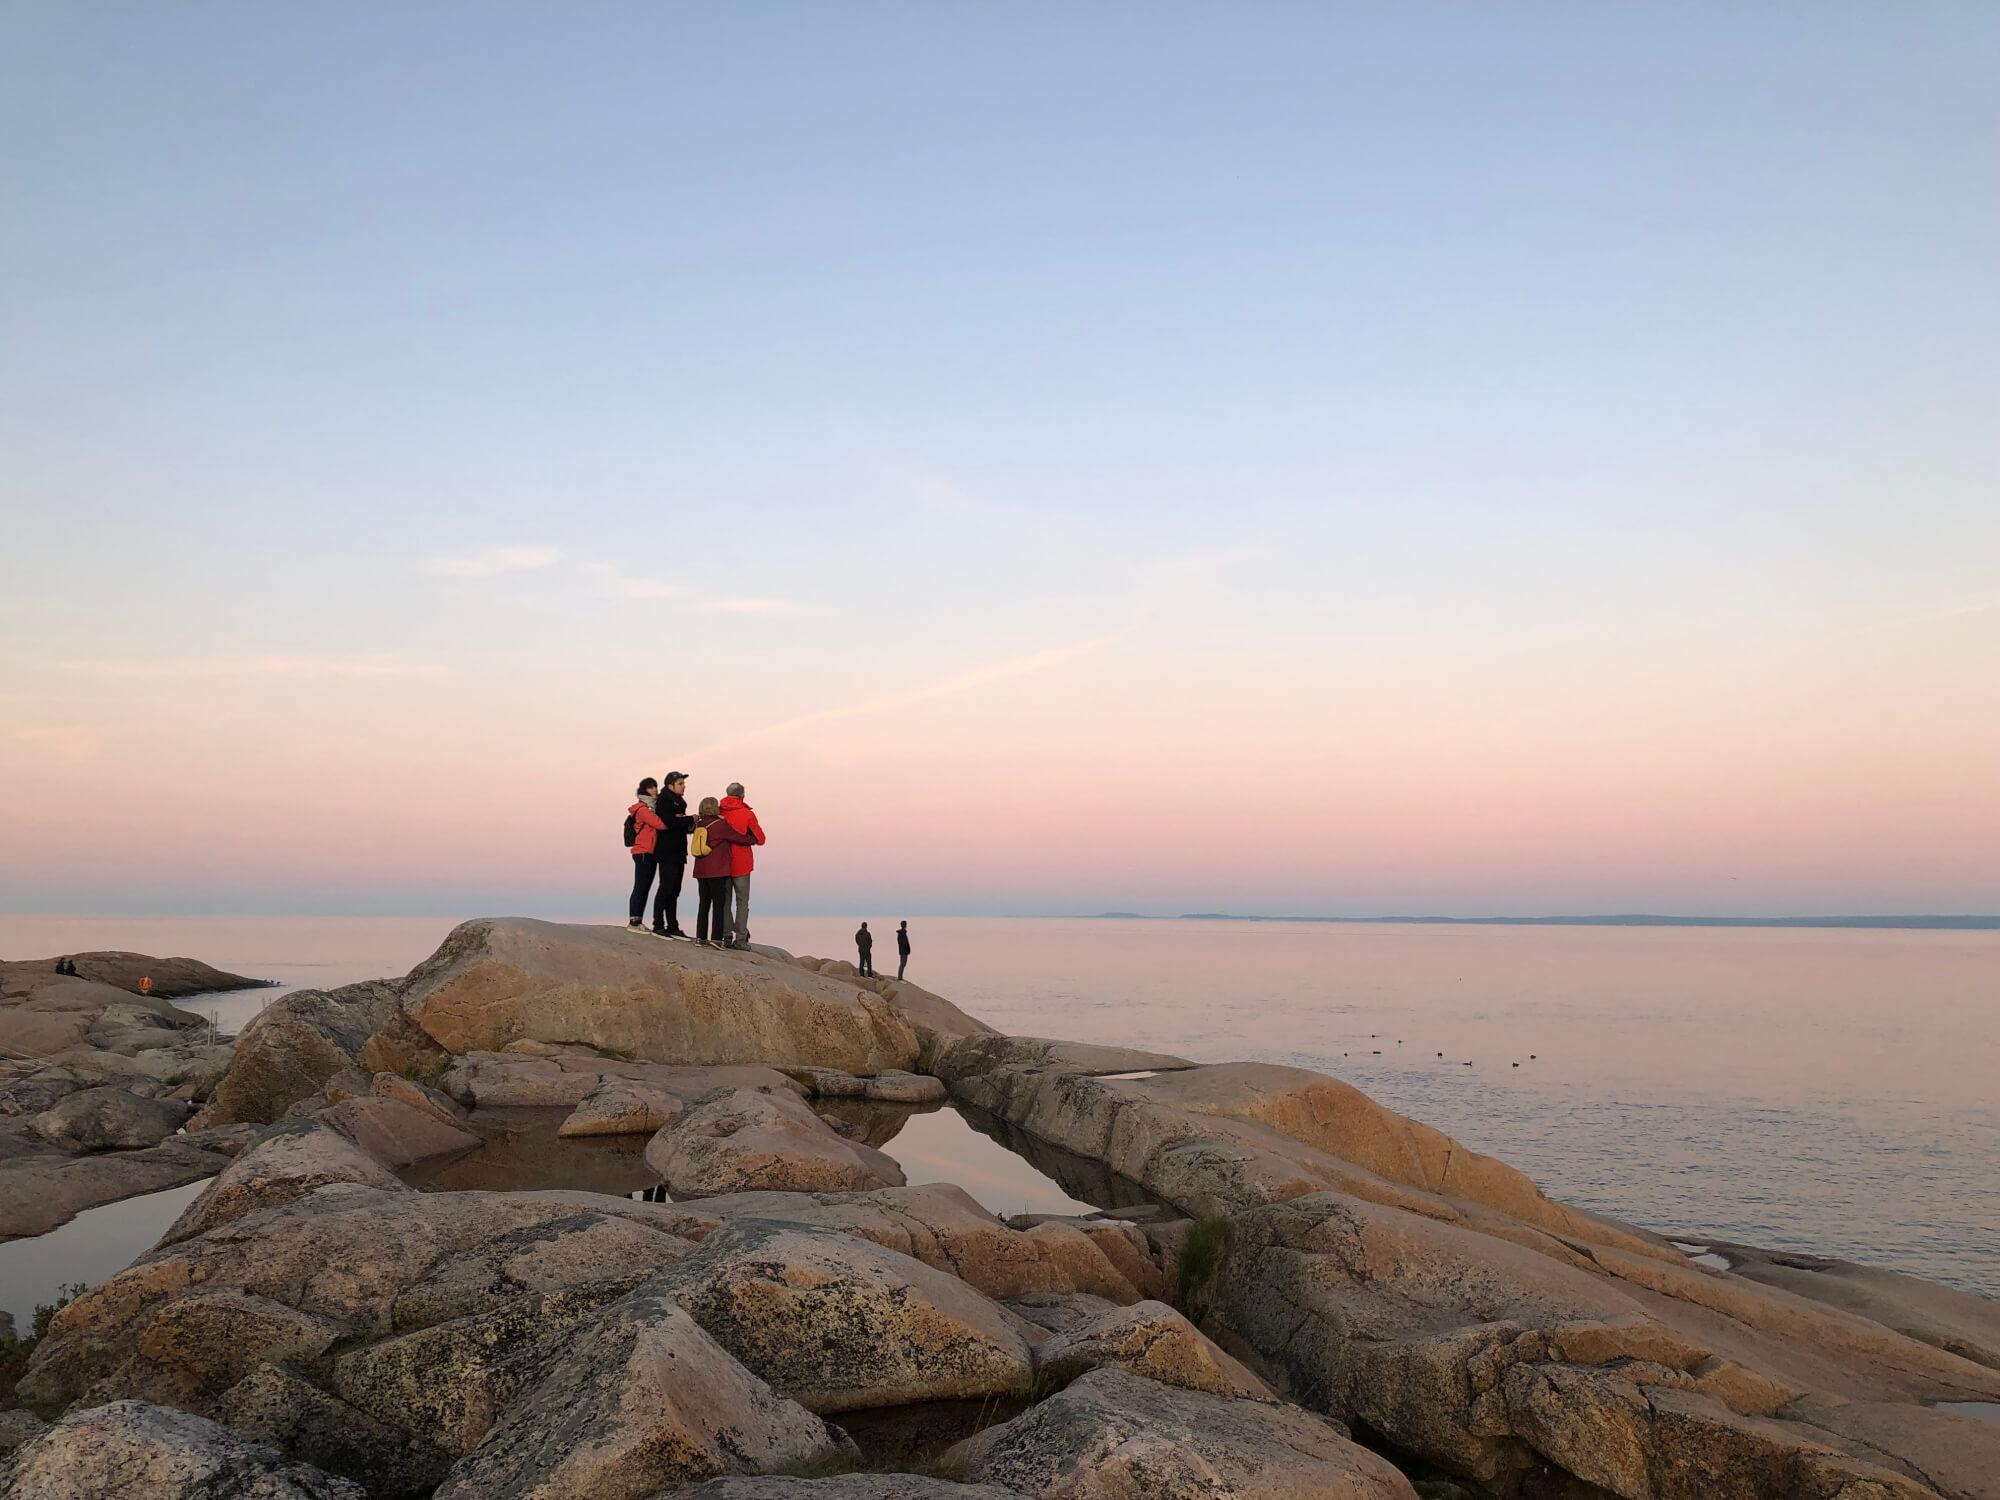 Observateurs sur les rochers au Centre d'interpretation et d'observation de Cap-de-Bon-Désir